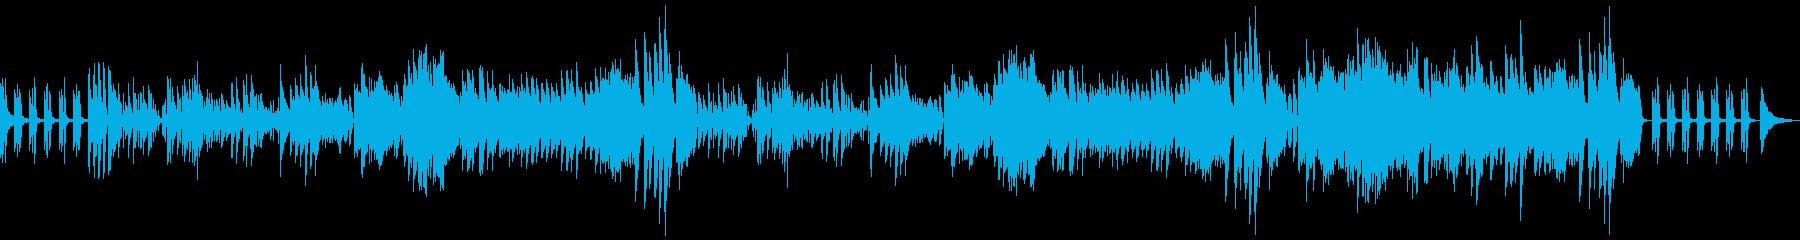 明るく軽くラグジュアリーなソロピアノ 1の再生済みの波形